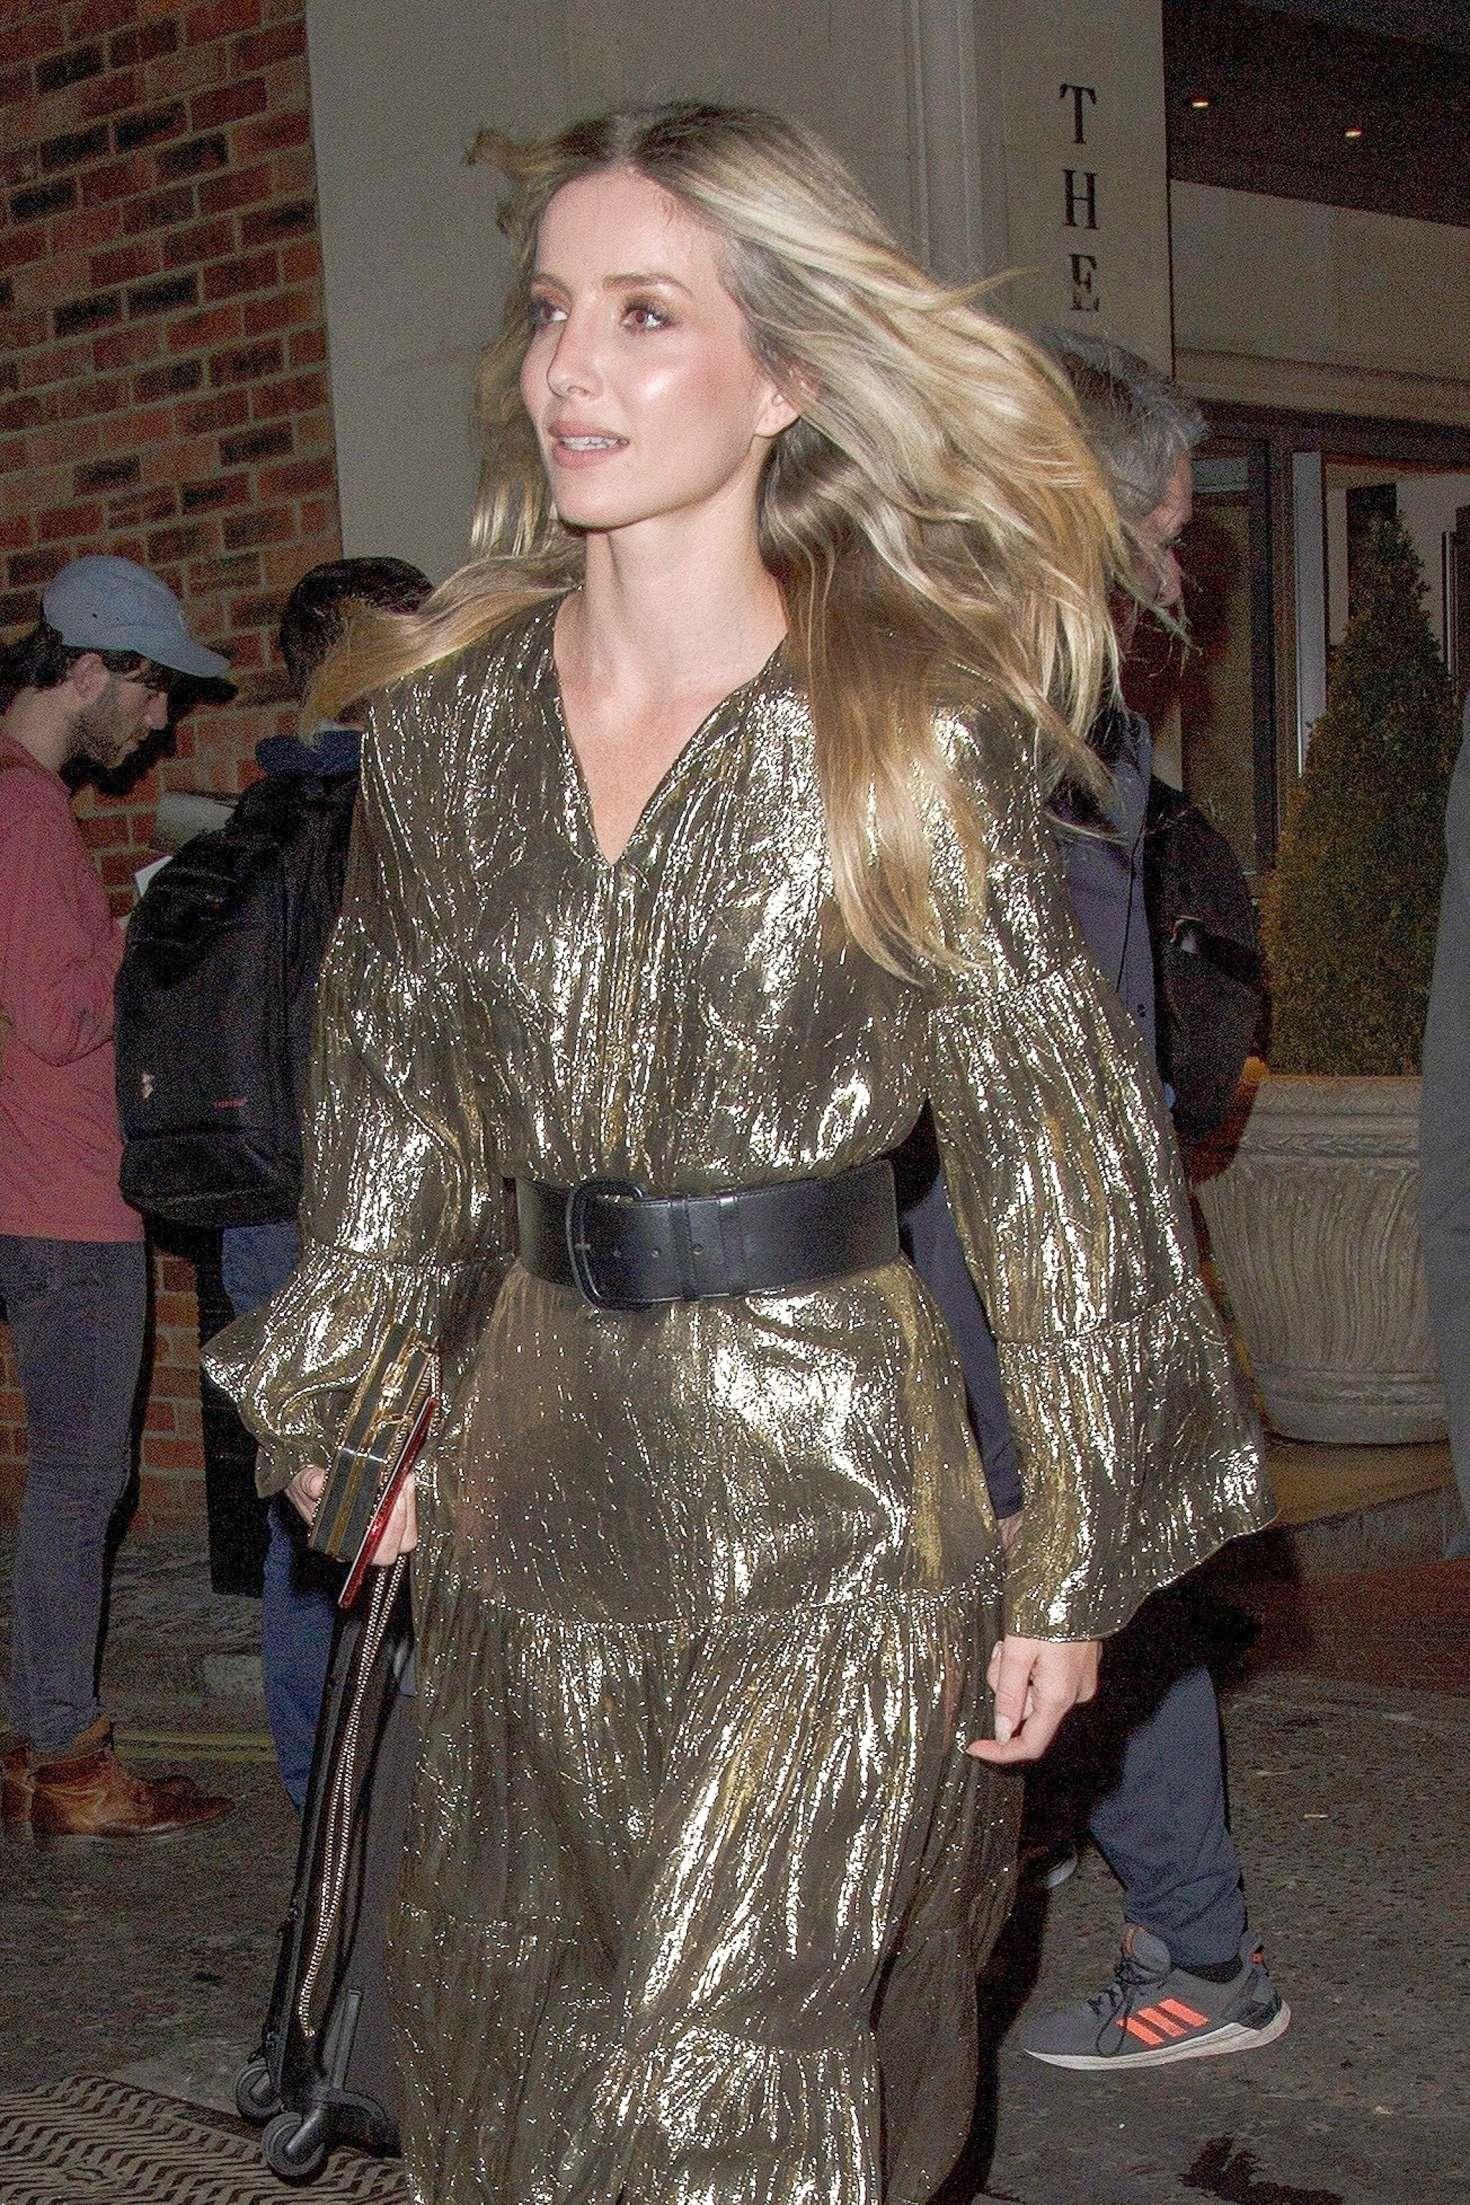 Annabelle Wallis in Golden Dress - Leaving hotel in Soho